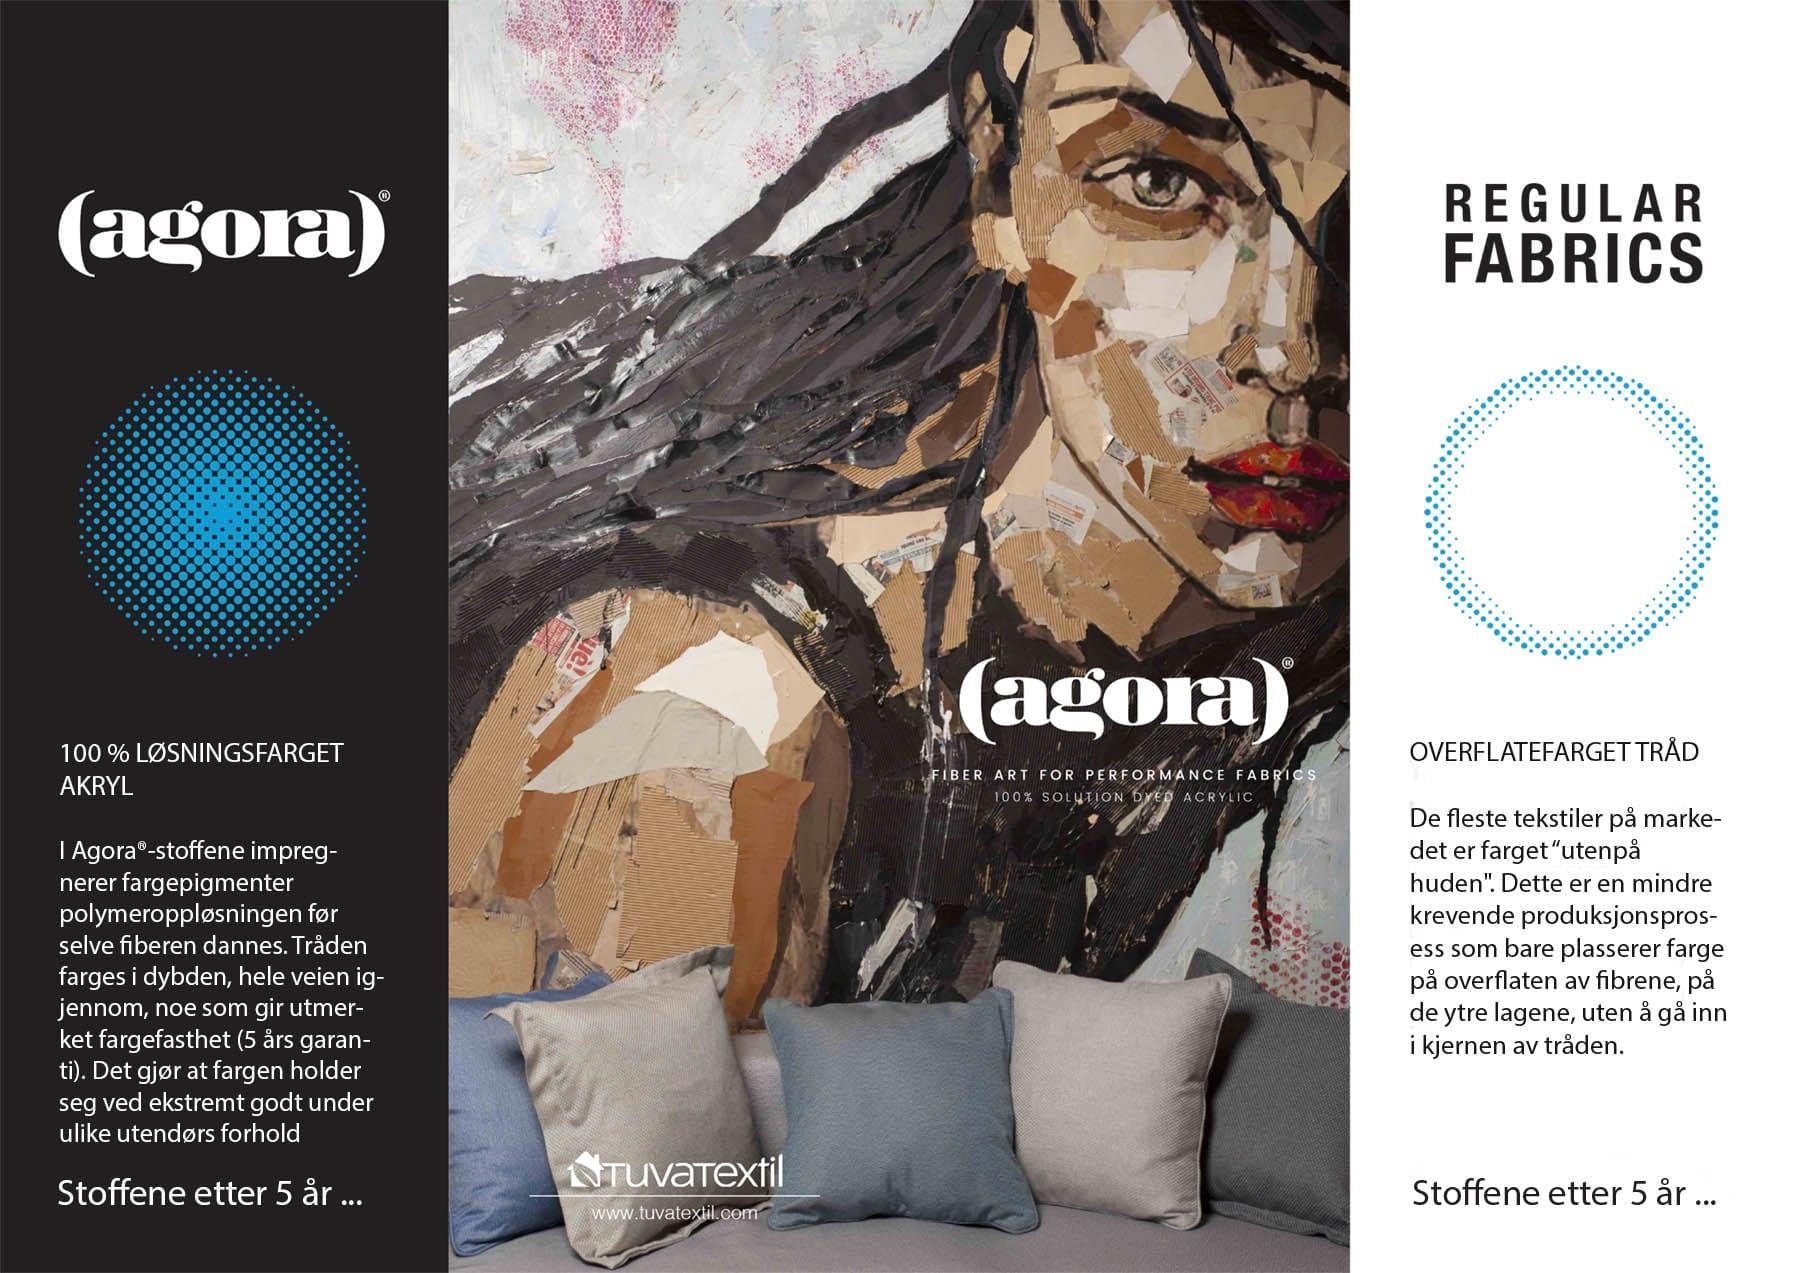 Om-losningsfarget-tråd-fra-agora-og-tuvatextil-copy Hagemøbler og utemøbler - Fine design